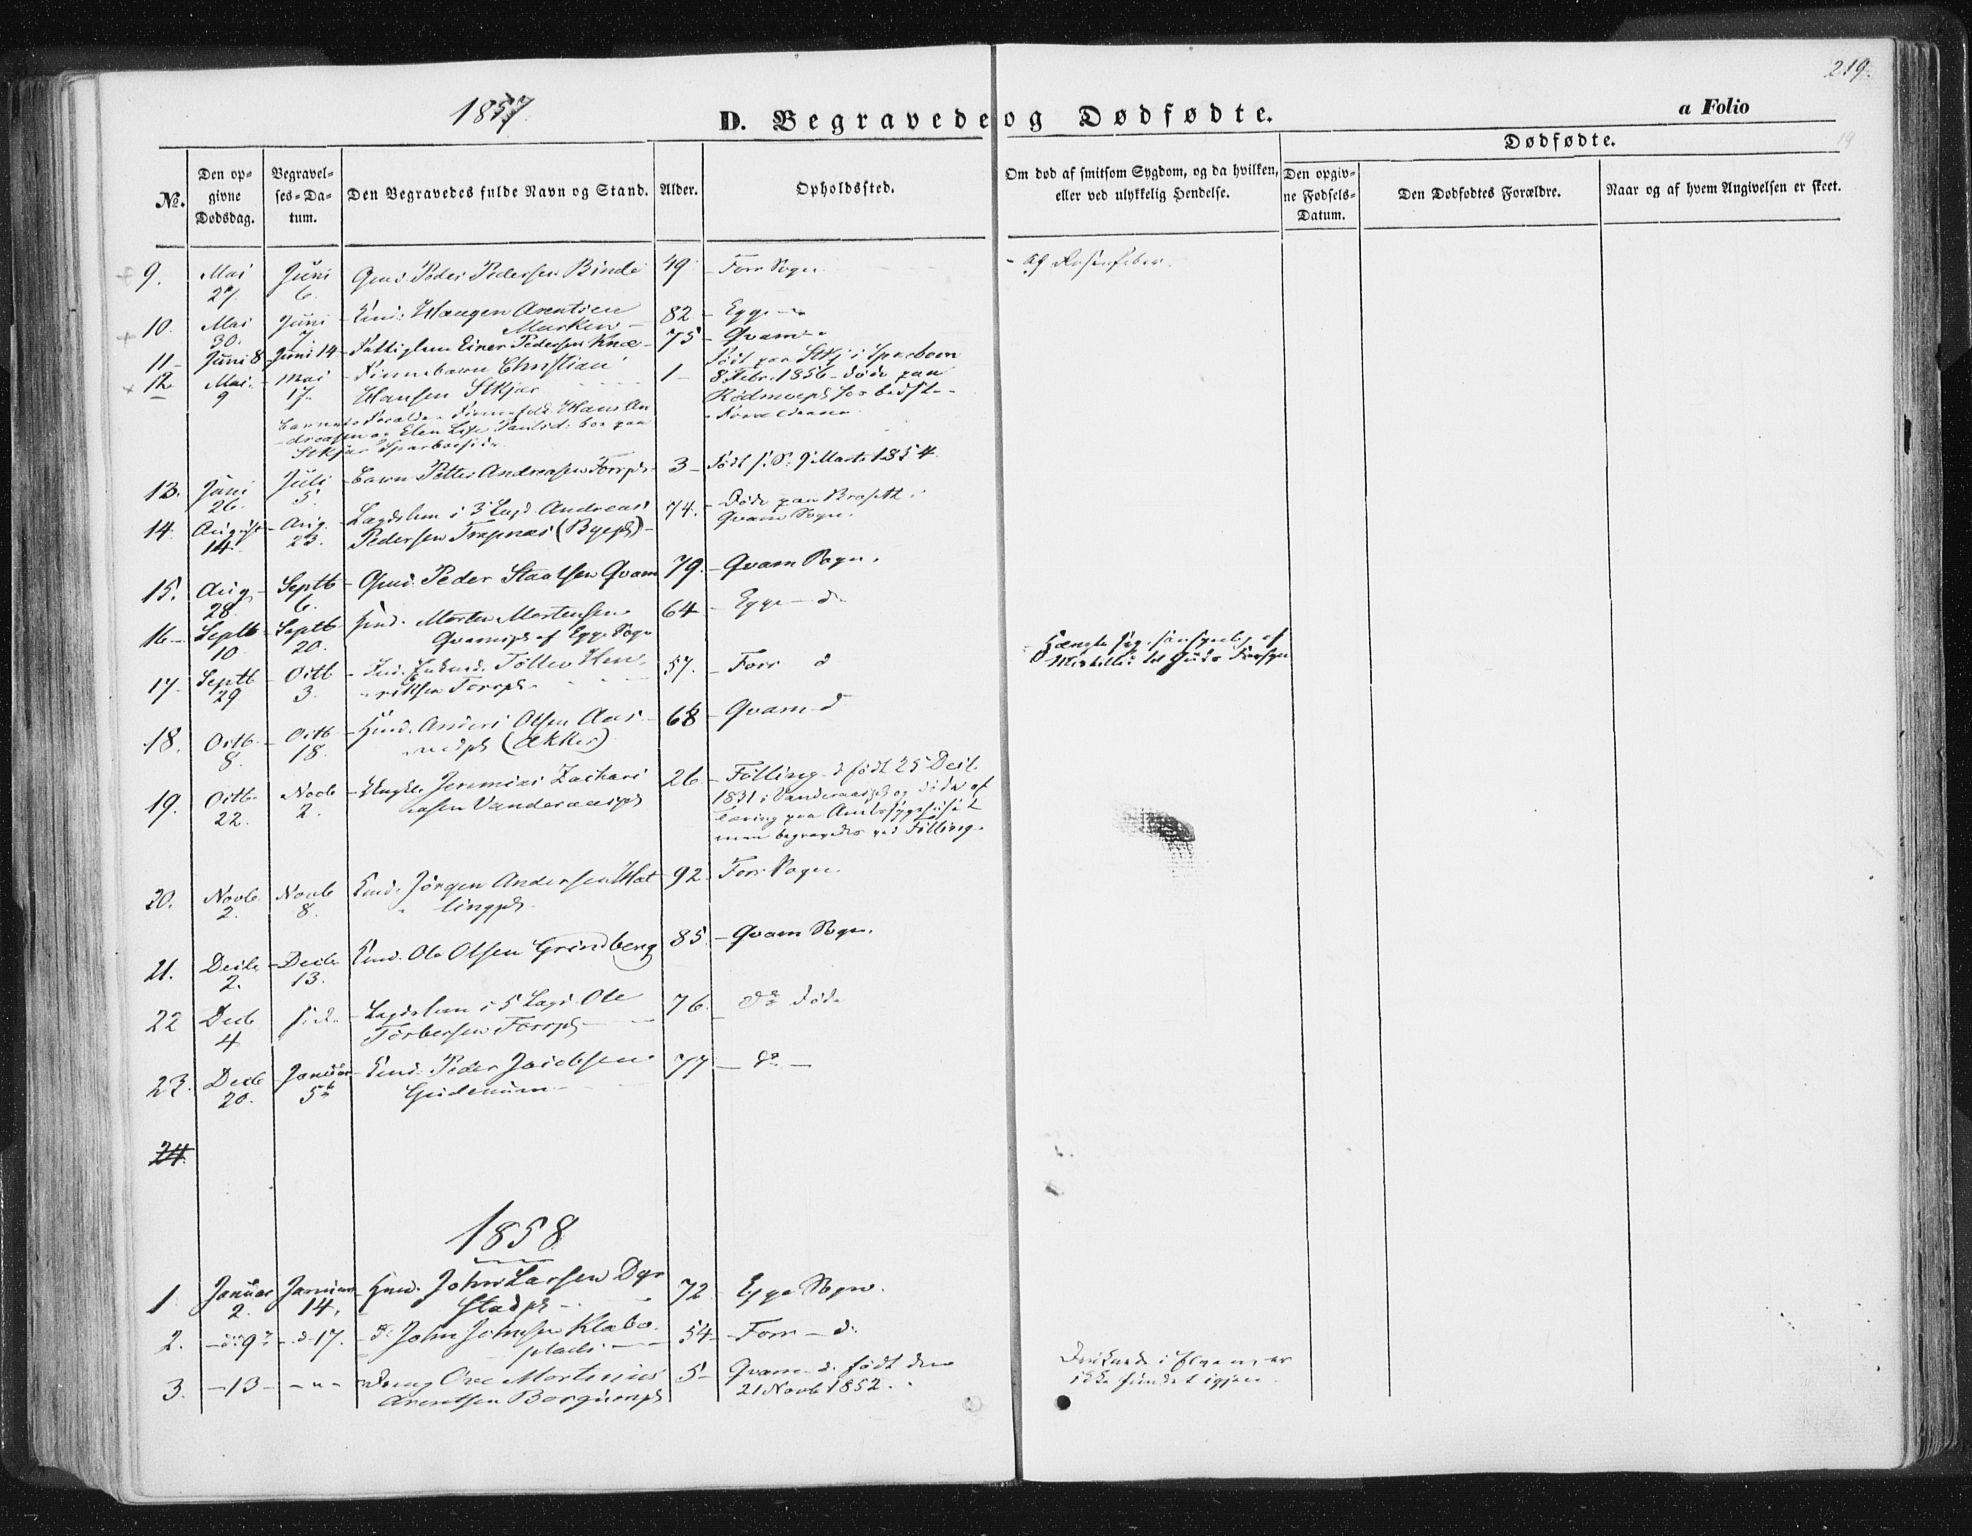 SAT, Ministerialprotokoller, klokkerbøker og fødselsregistre - Nord-Trøndelag, 746/L0446: Ministerialbok nr. 746A05, 1846-1859, s. 219